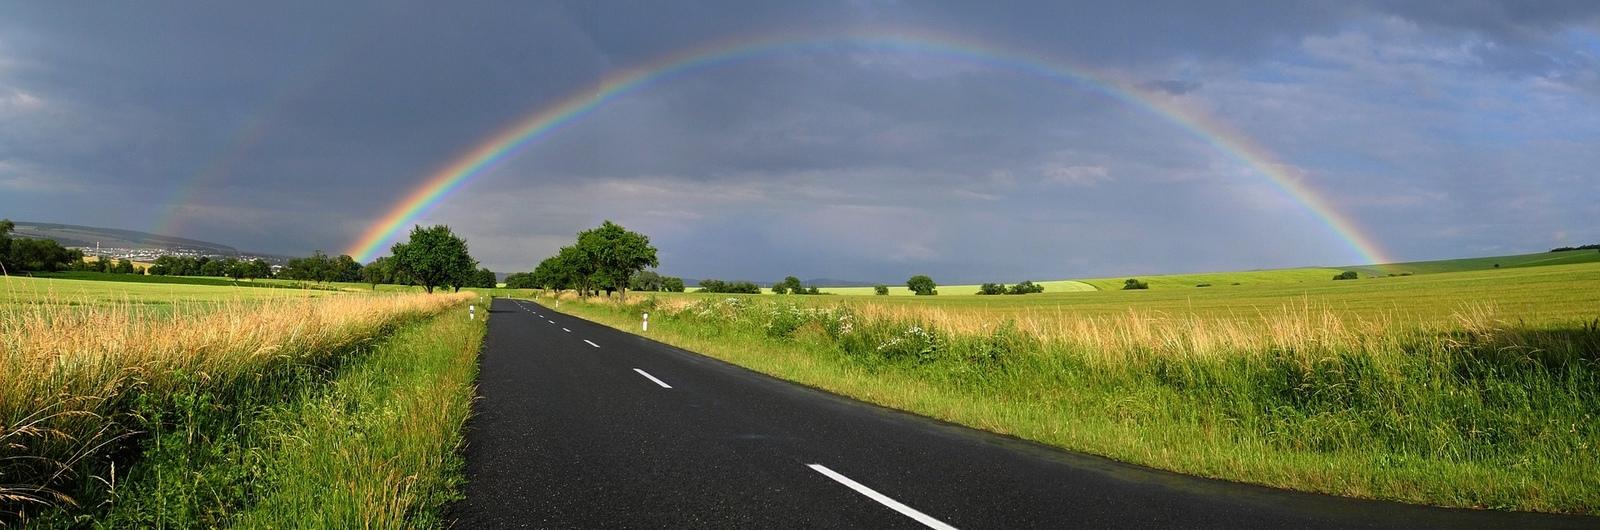 Mošnov silnice s duhou na nebi